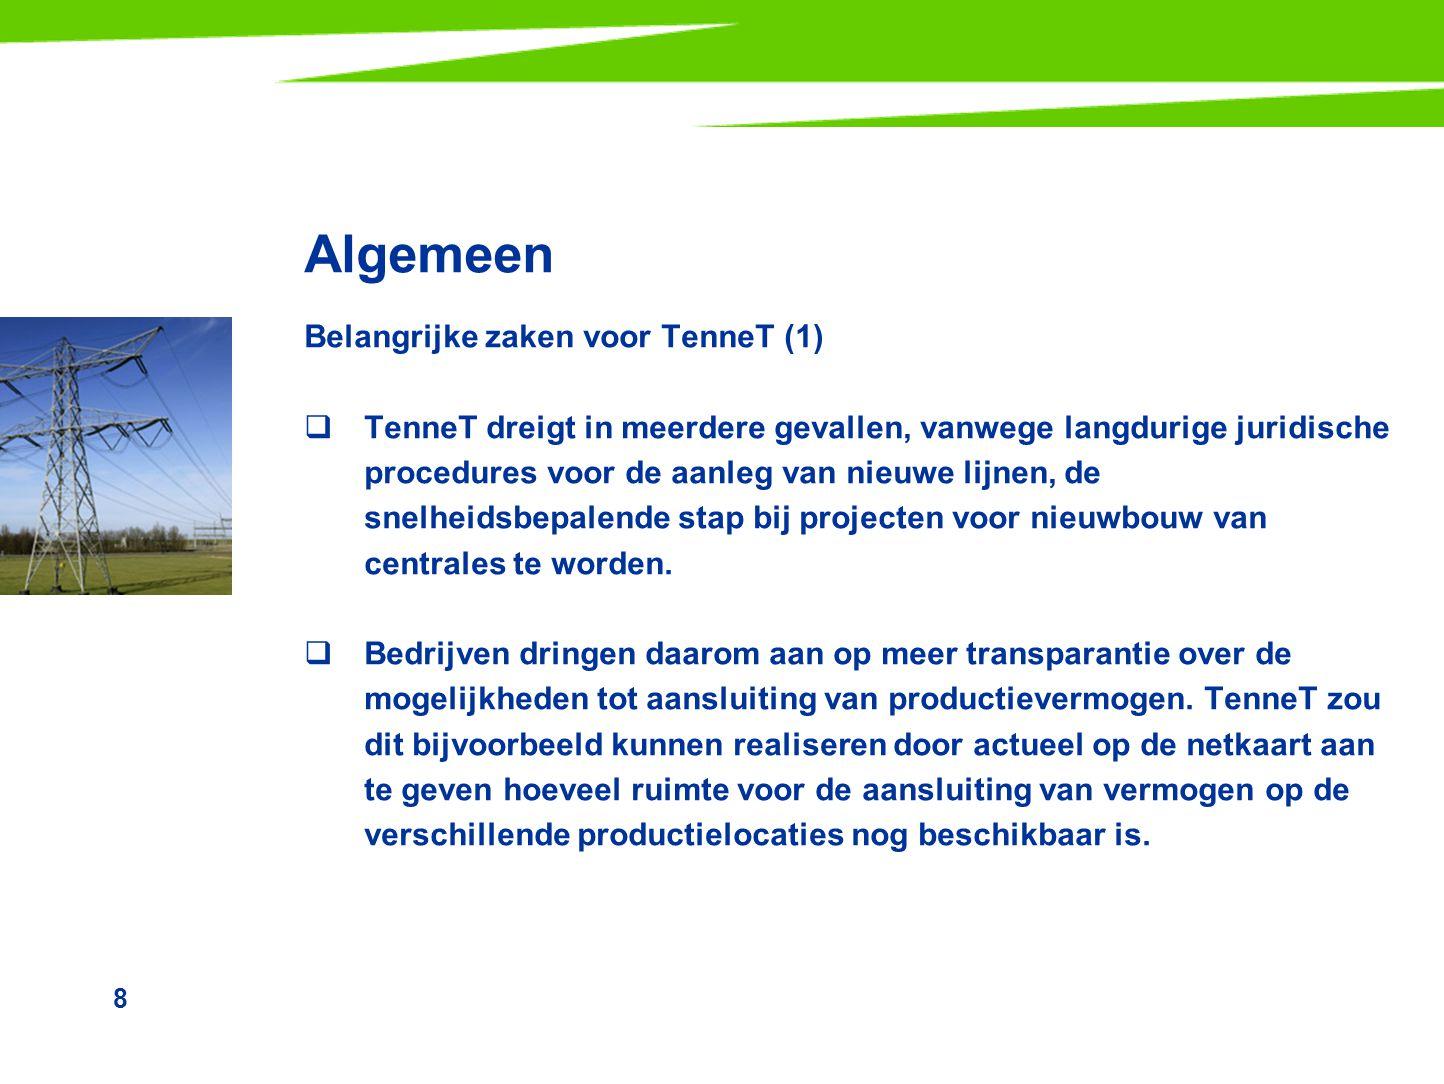 8 Algemeen Belangrijke zaken voor TenneT (1)  TenneT dreigt in meerdere gevallen, vanwege langdurige juridische procedures voor de aanleg van nieuwe